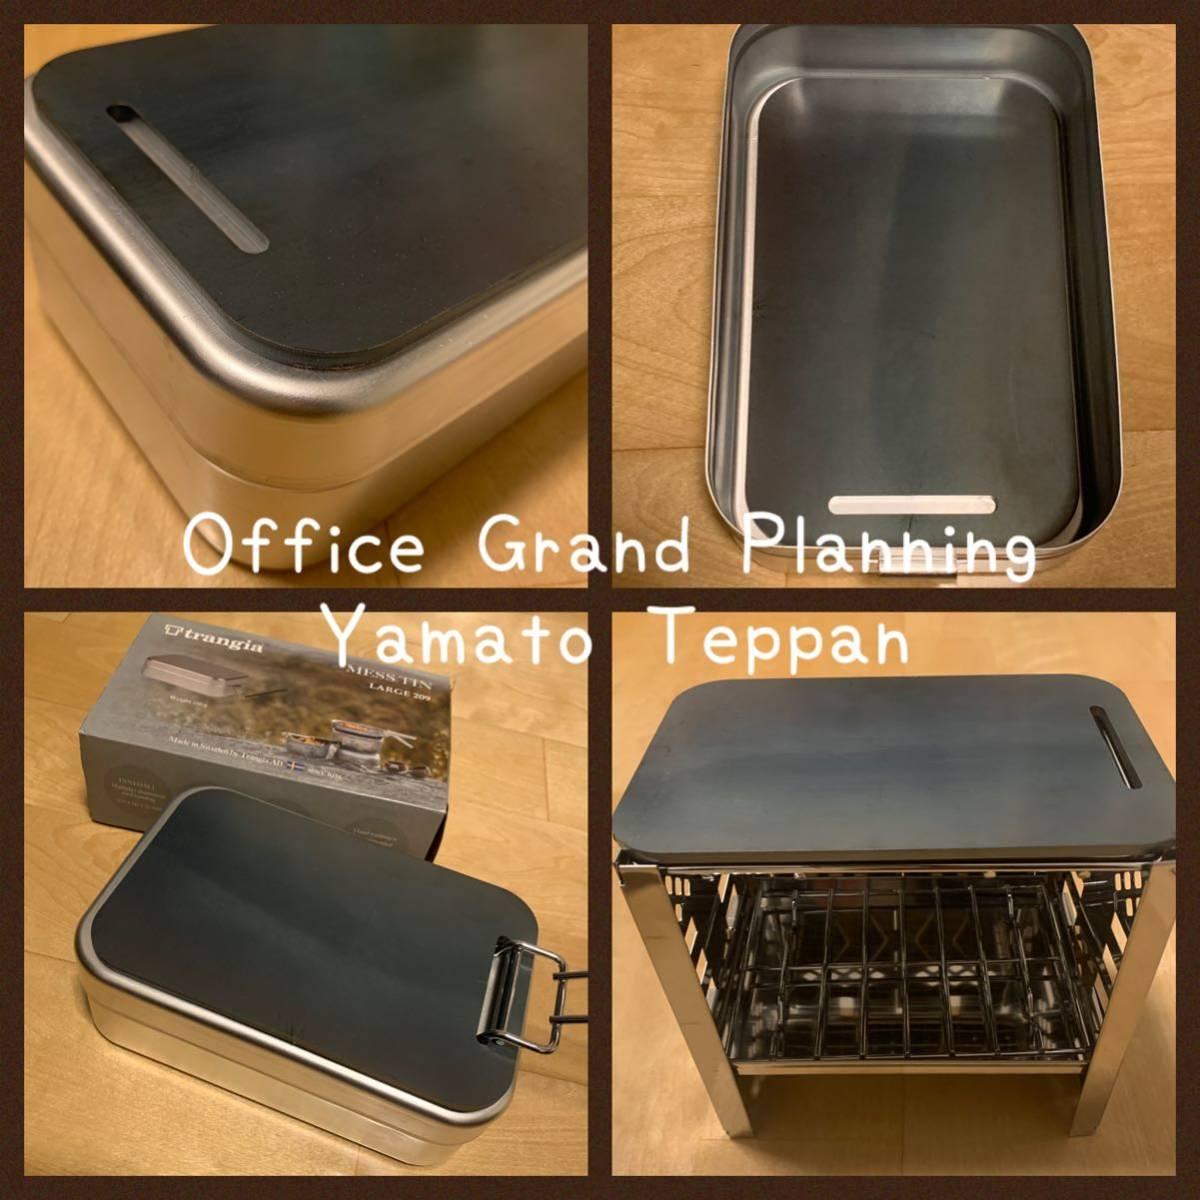 トランギア メスティン ラージ 収納 6ミリ 鉄板 スクレーパー シリコン取手カバー ネオプレン収納袋 グレー 大和鉄板